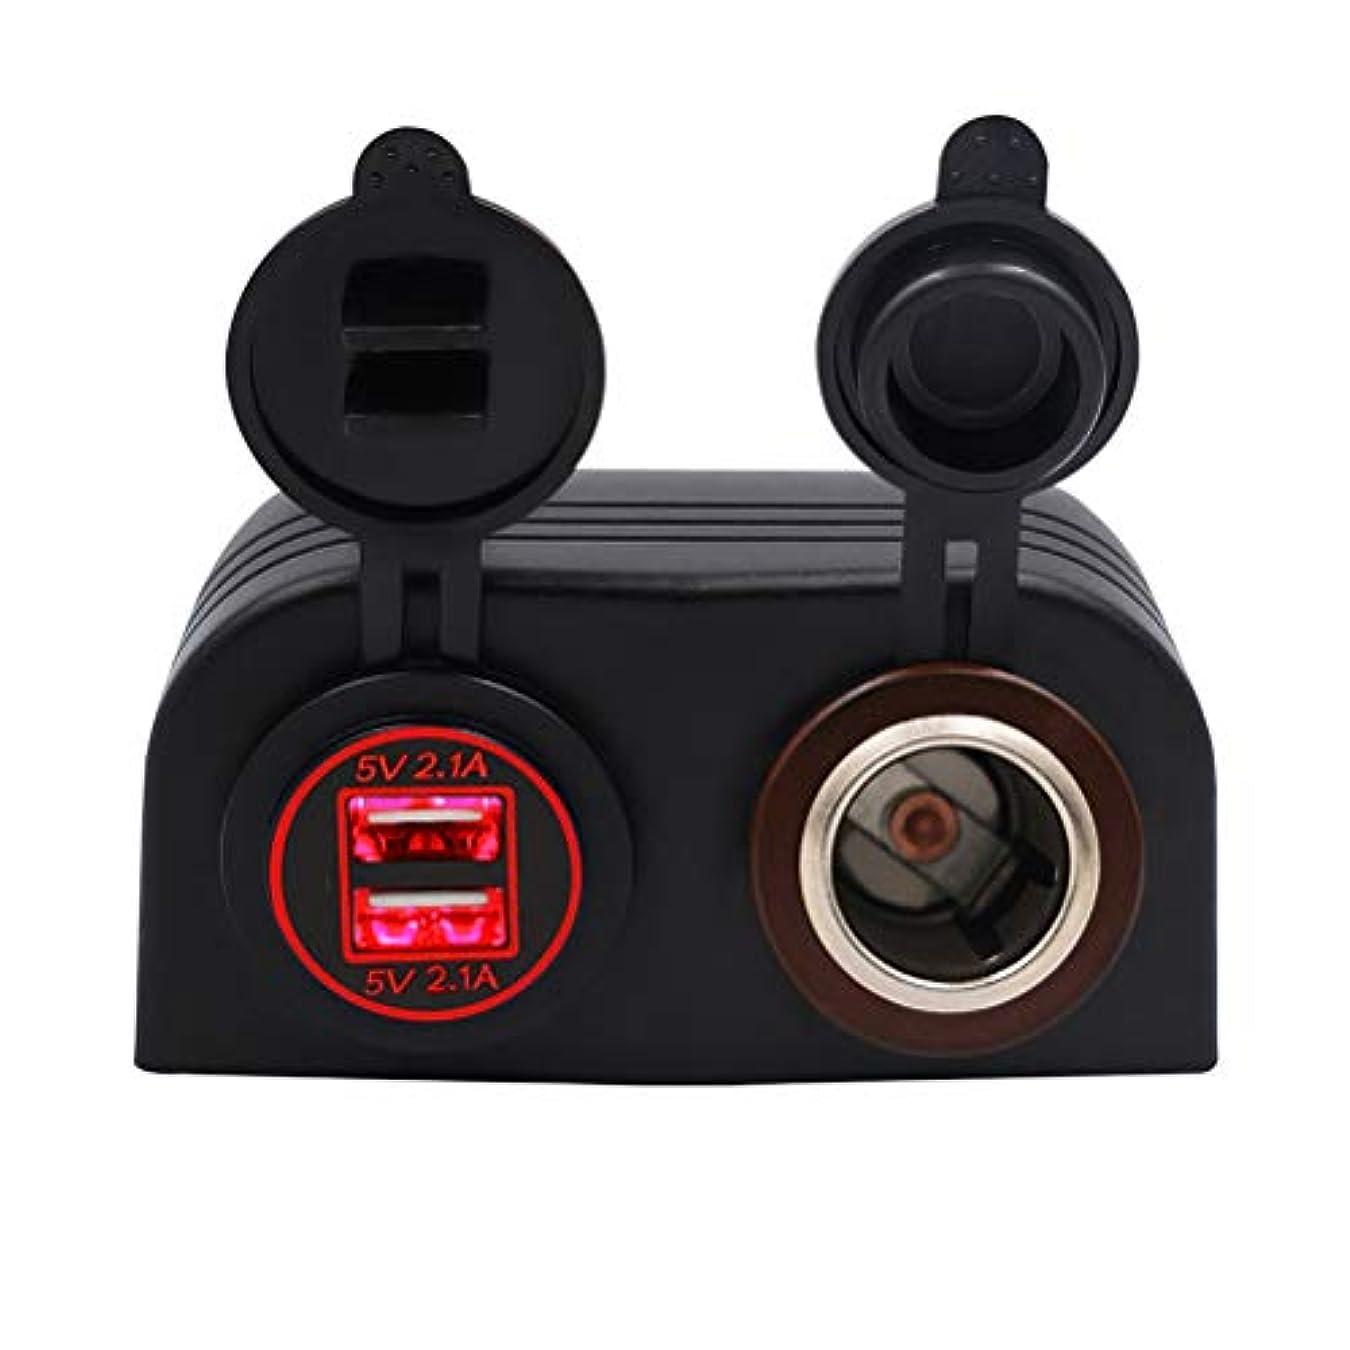 思い出す排除する涙Vosarea CS-489I3 12-24V USBオートバイ充電器ハンドルバーデュアルポートLEDインジケーターシガーライター電源充電アダプター4.2A(レッド)